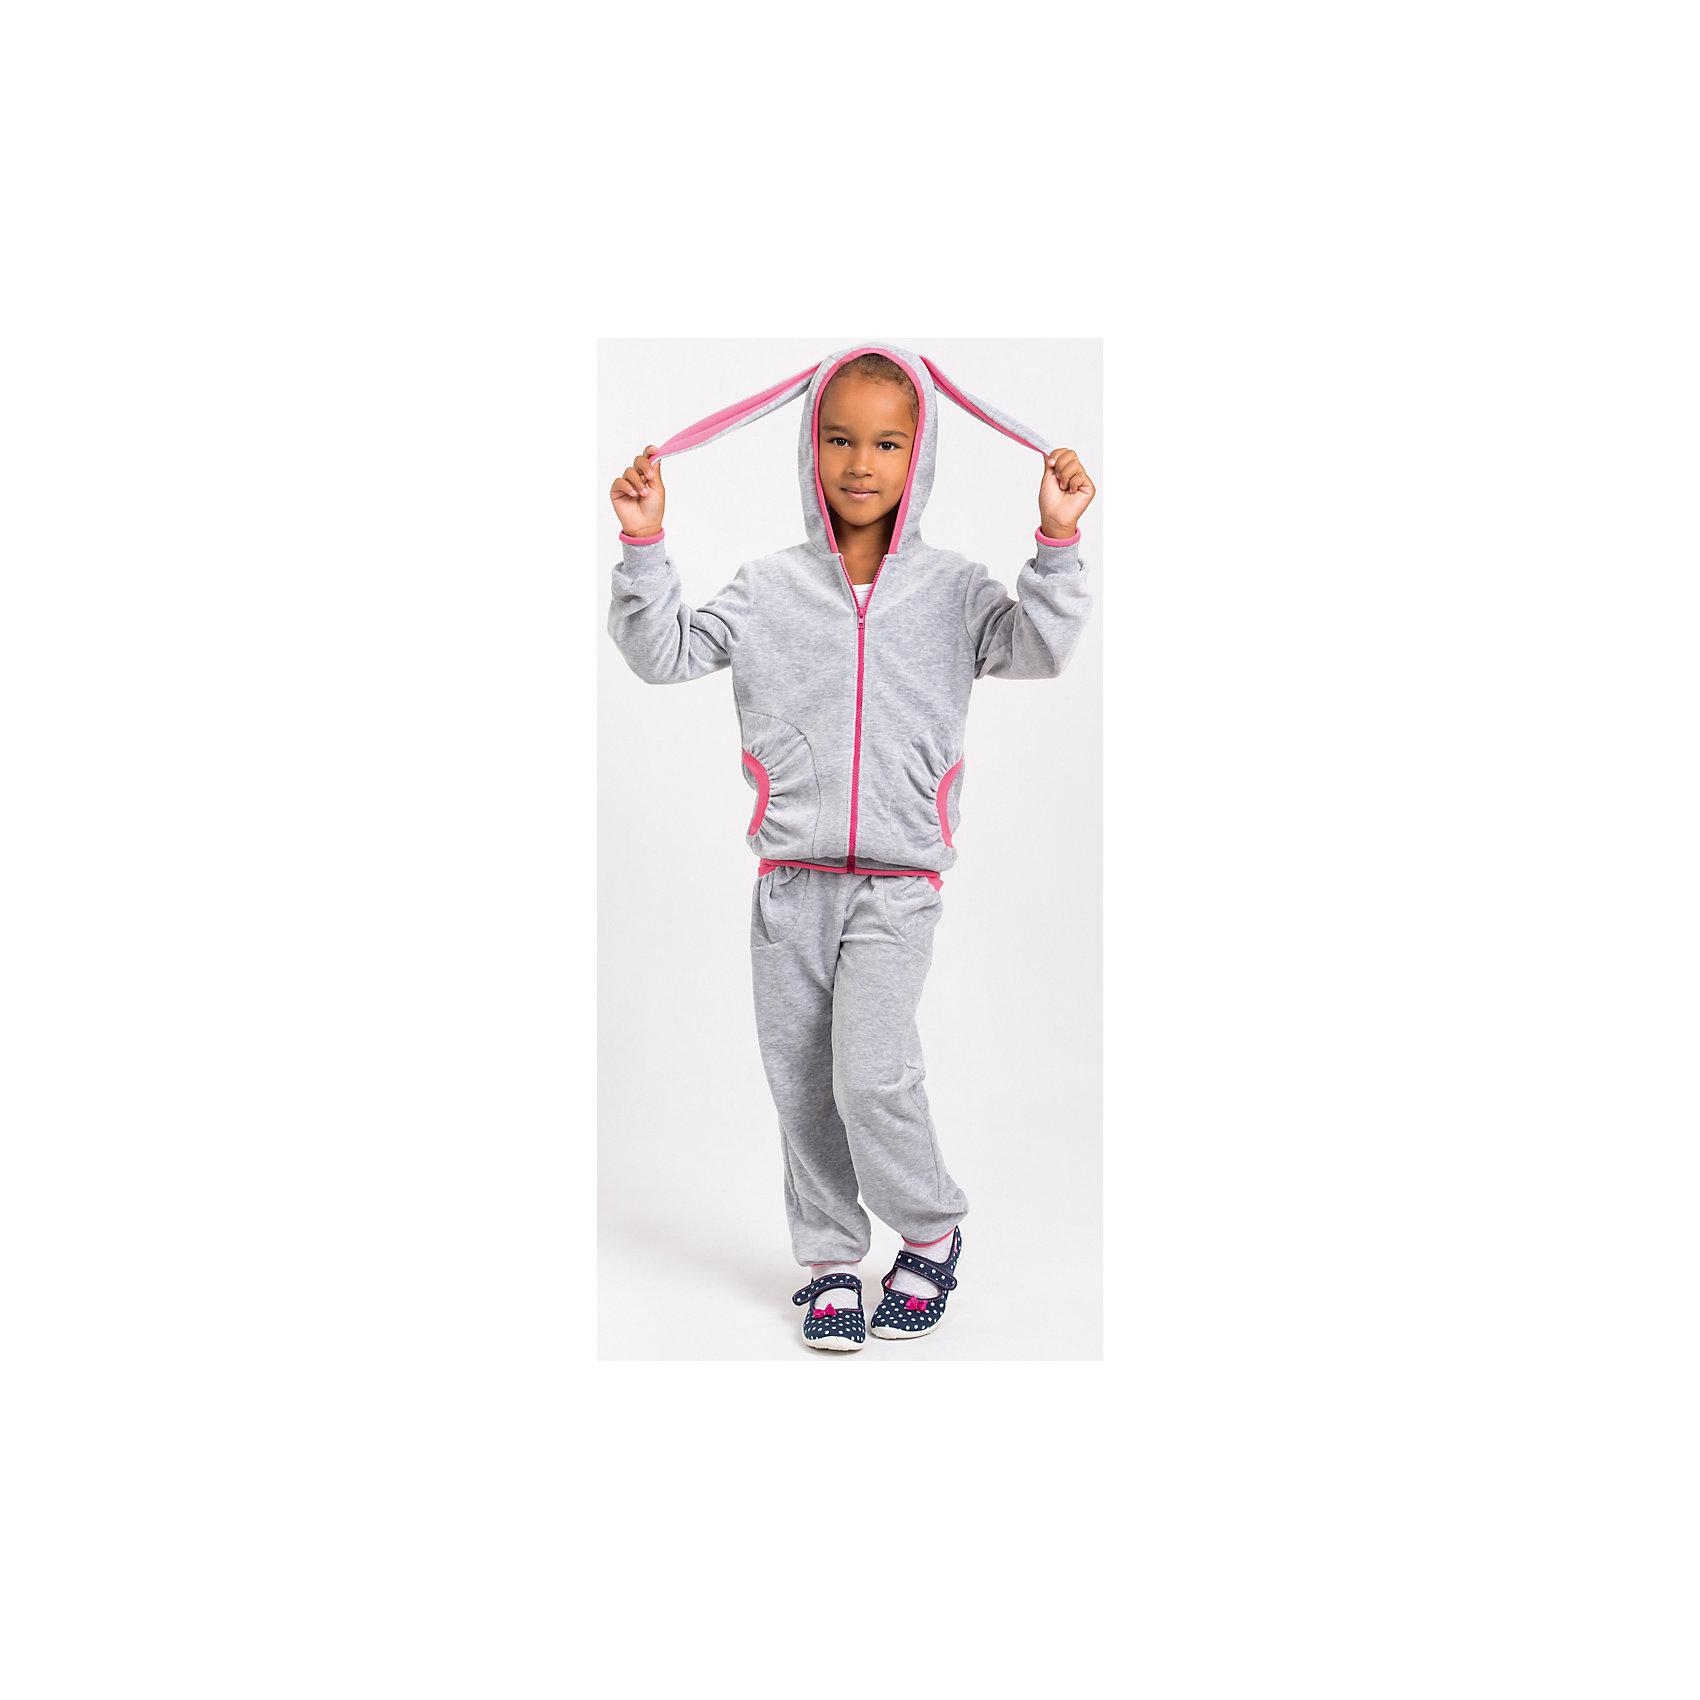 Goldy Спортивный костюм для девочки украинский национальный костюм для девочки киев